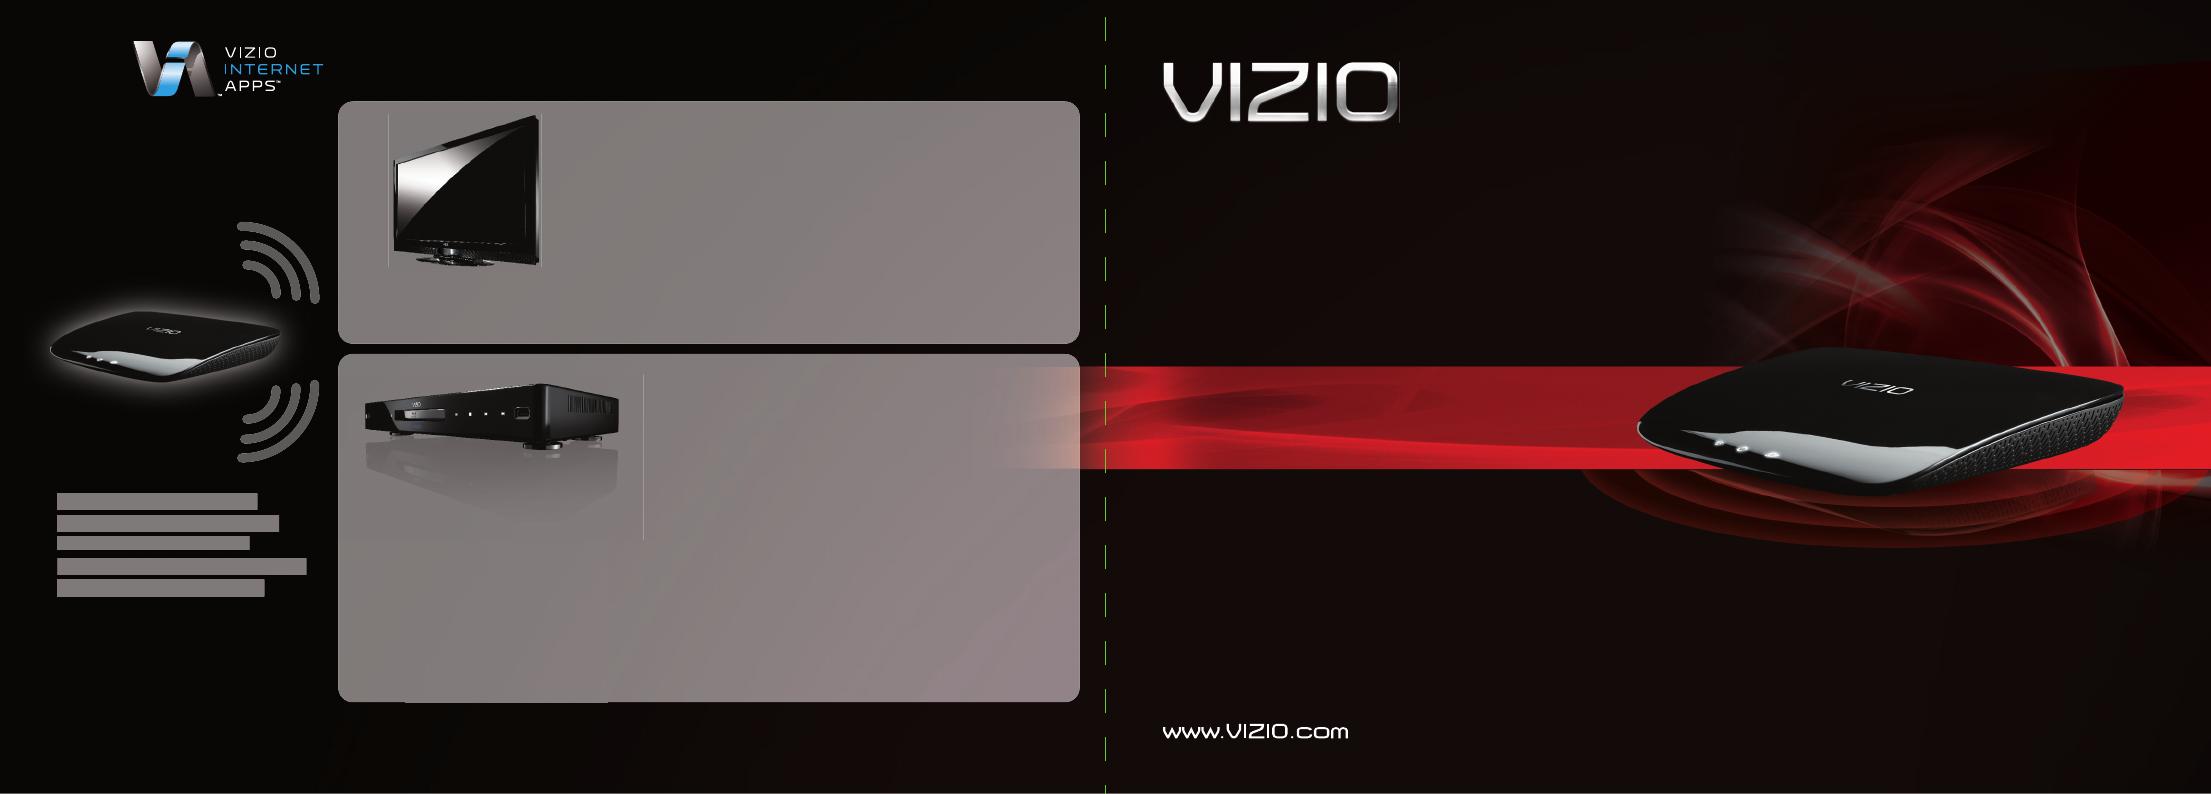 vizio blu ray player xwr100 user guide manualsonline com rh tv manualsonline com vizio blu ray dvd player update vizio blu ray disc player vbr100 manual